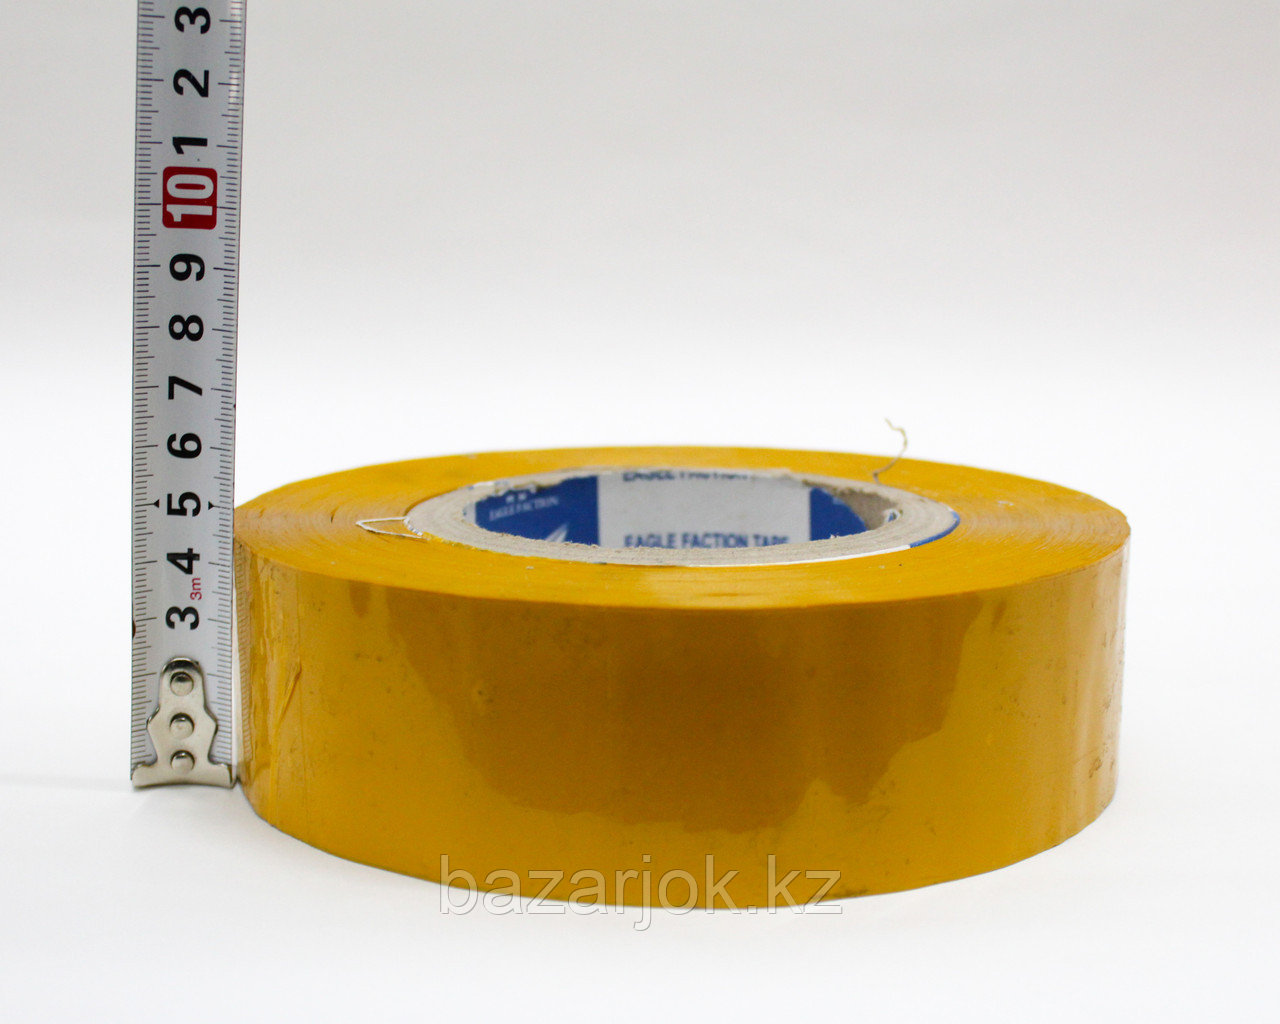 Скотч желтый, ширина 5 см